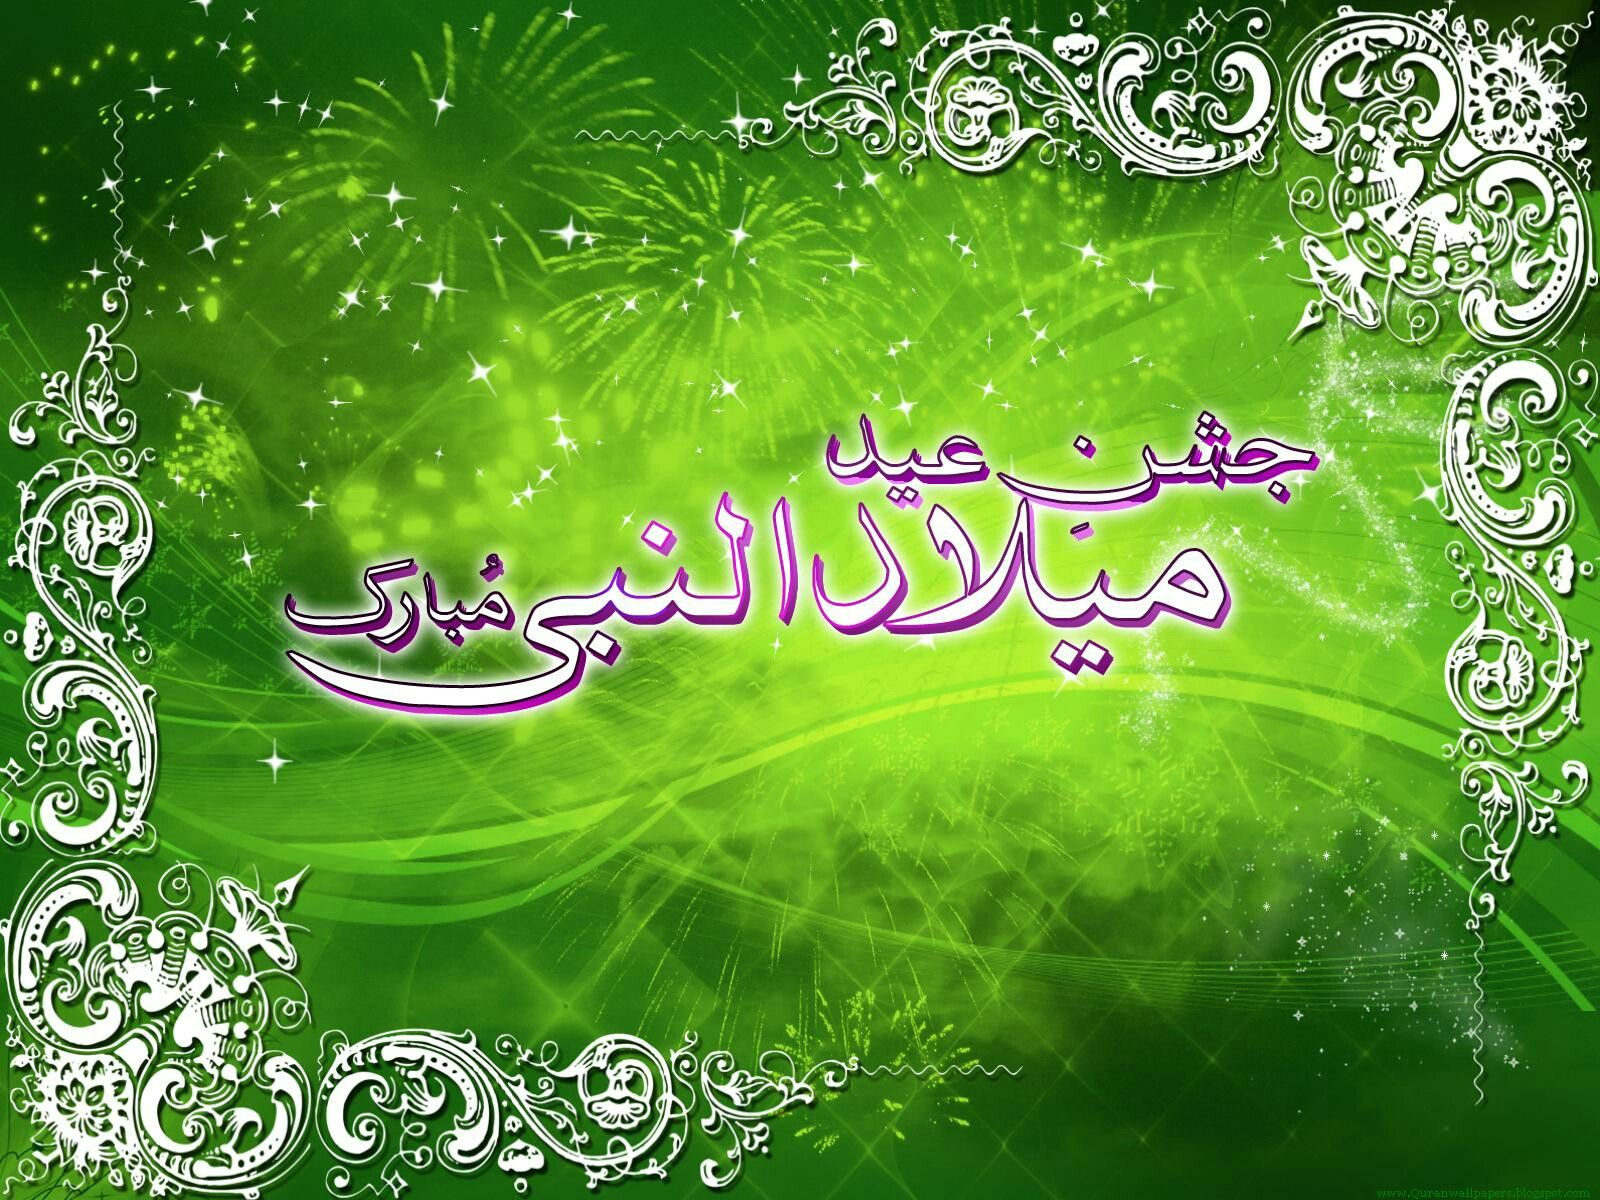 Pin By Habibur Rahman On Habibur Rahman Pinterest Eid Eid Milad